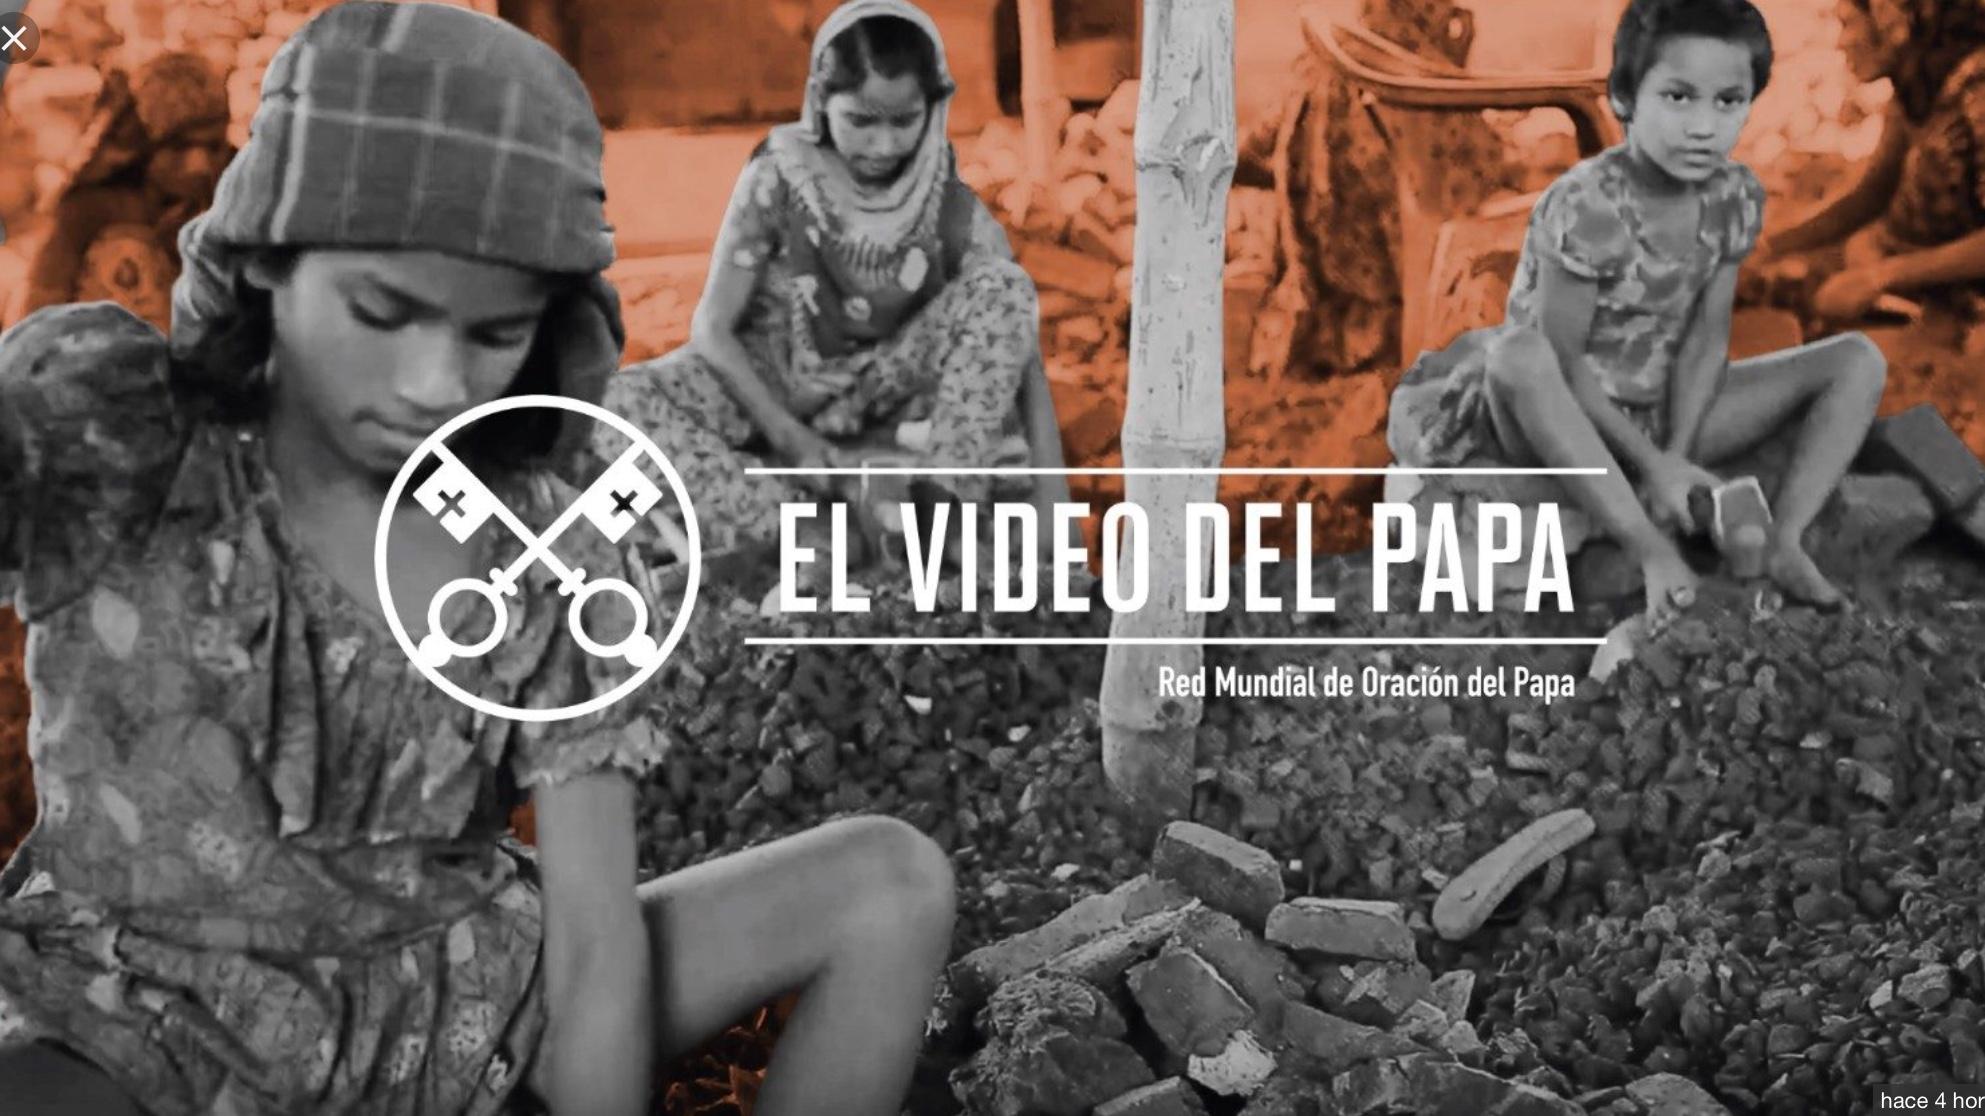 """""""LUCHEMOS CONTRA LA TRATA DE PERSONAS"""". El Video del Papa, Febrero 2019."""